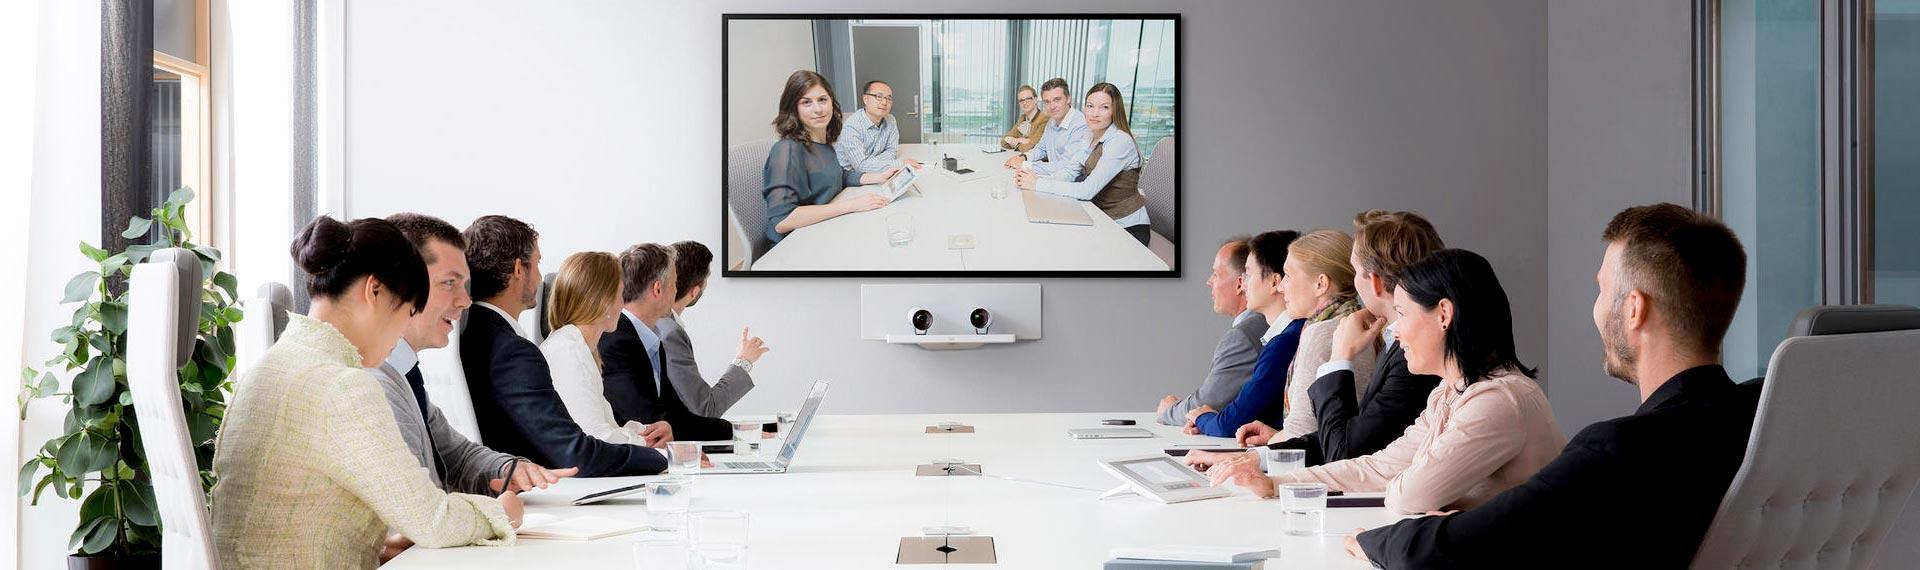 Sistemi di Videoconferenza a Vercelli meeting videochiamata